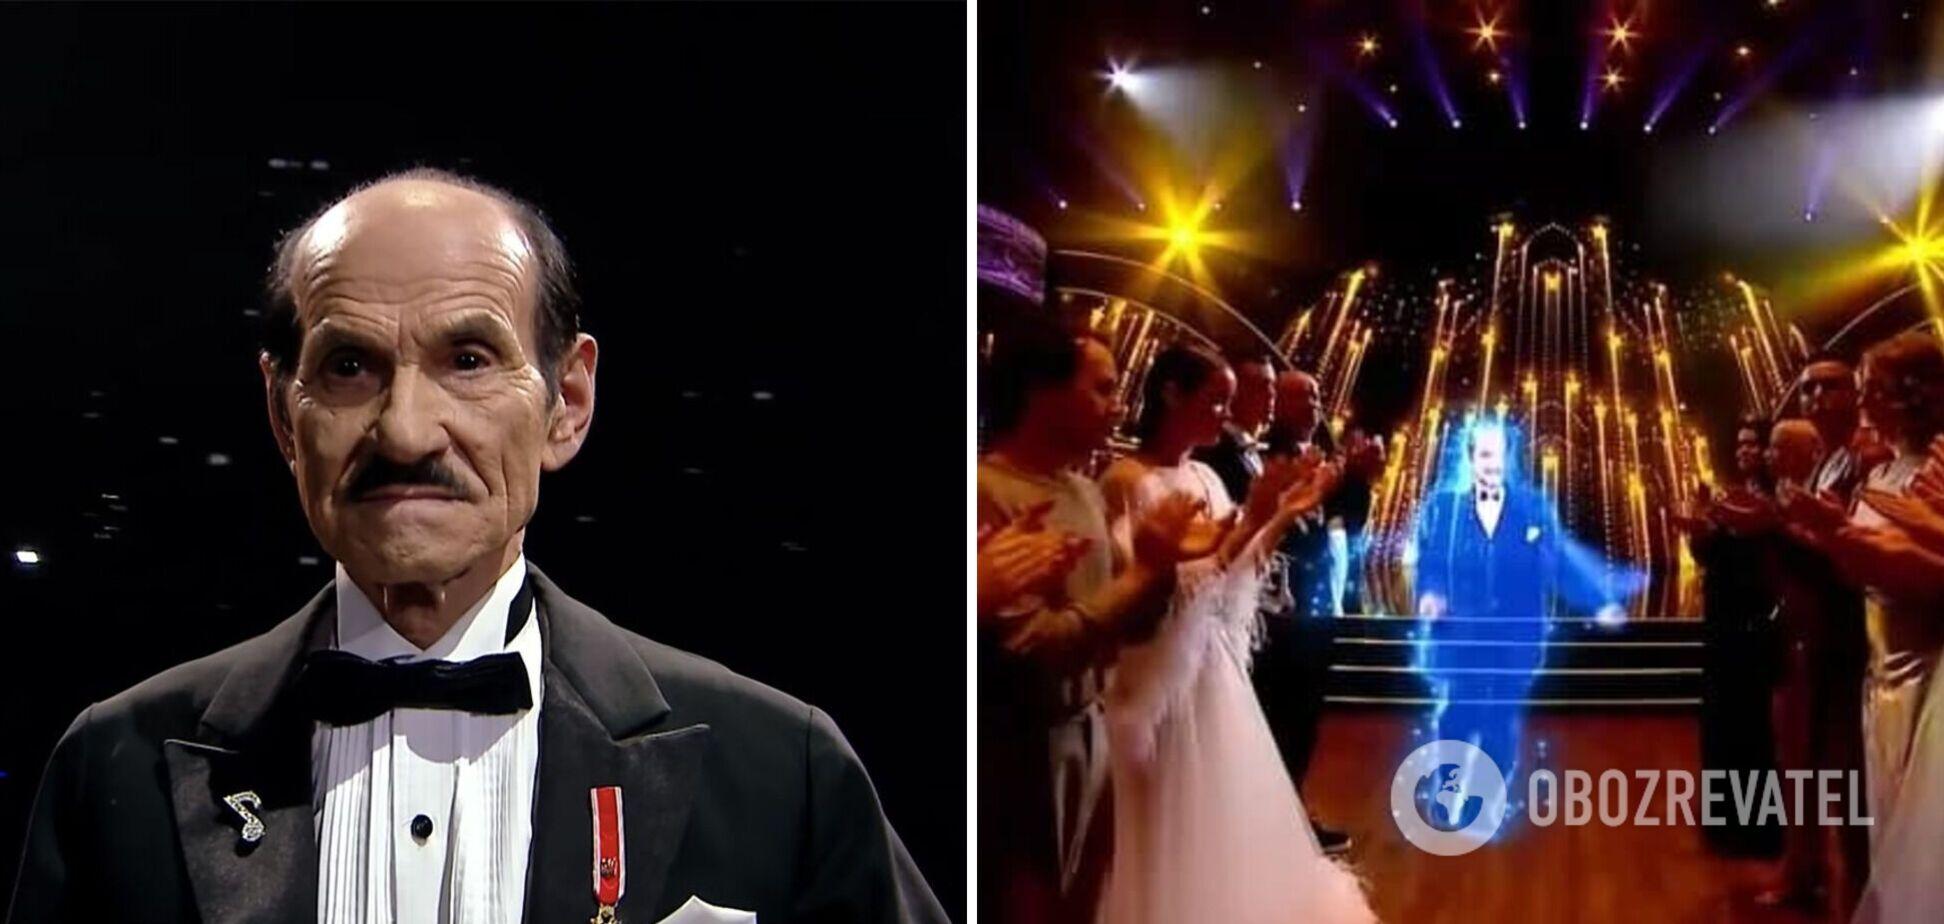 На 'Танцях з зірками' неожиданно 'выступил' Григорий Чапкис. Фото и видео